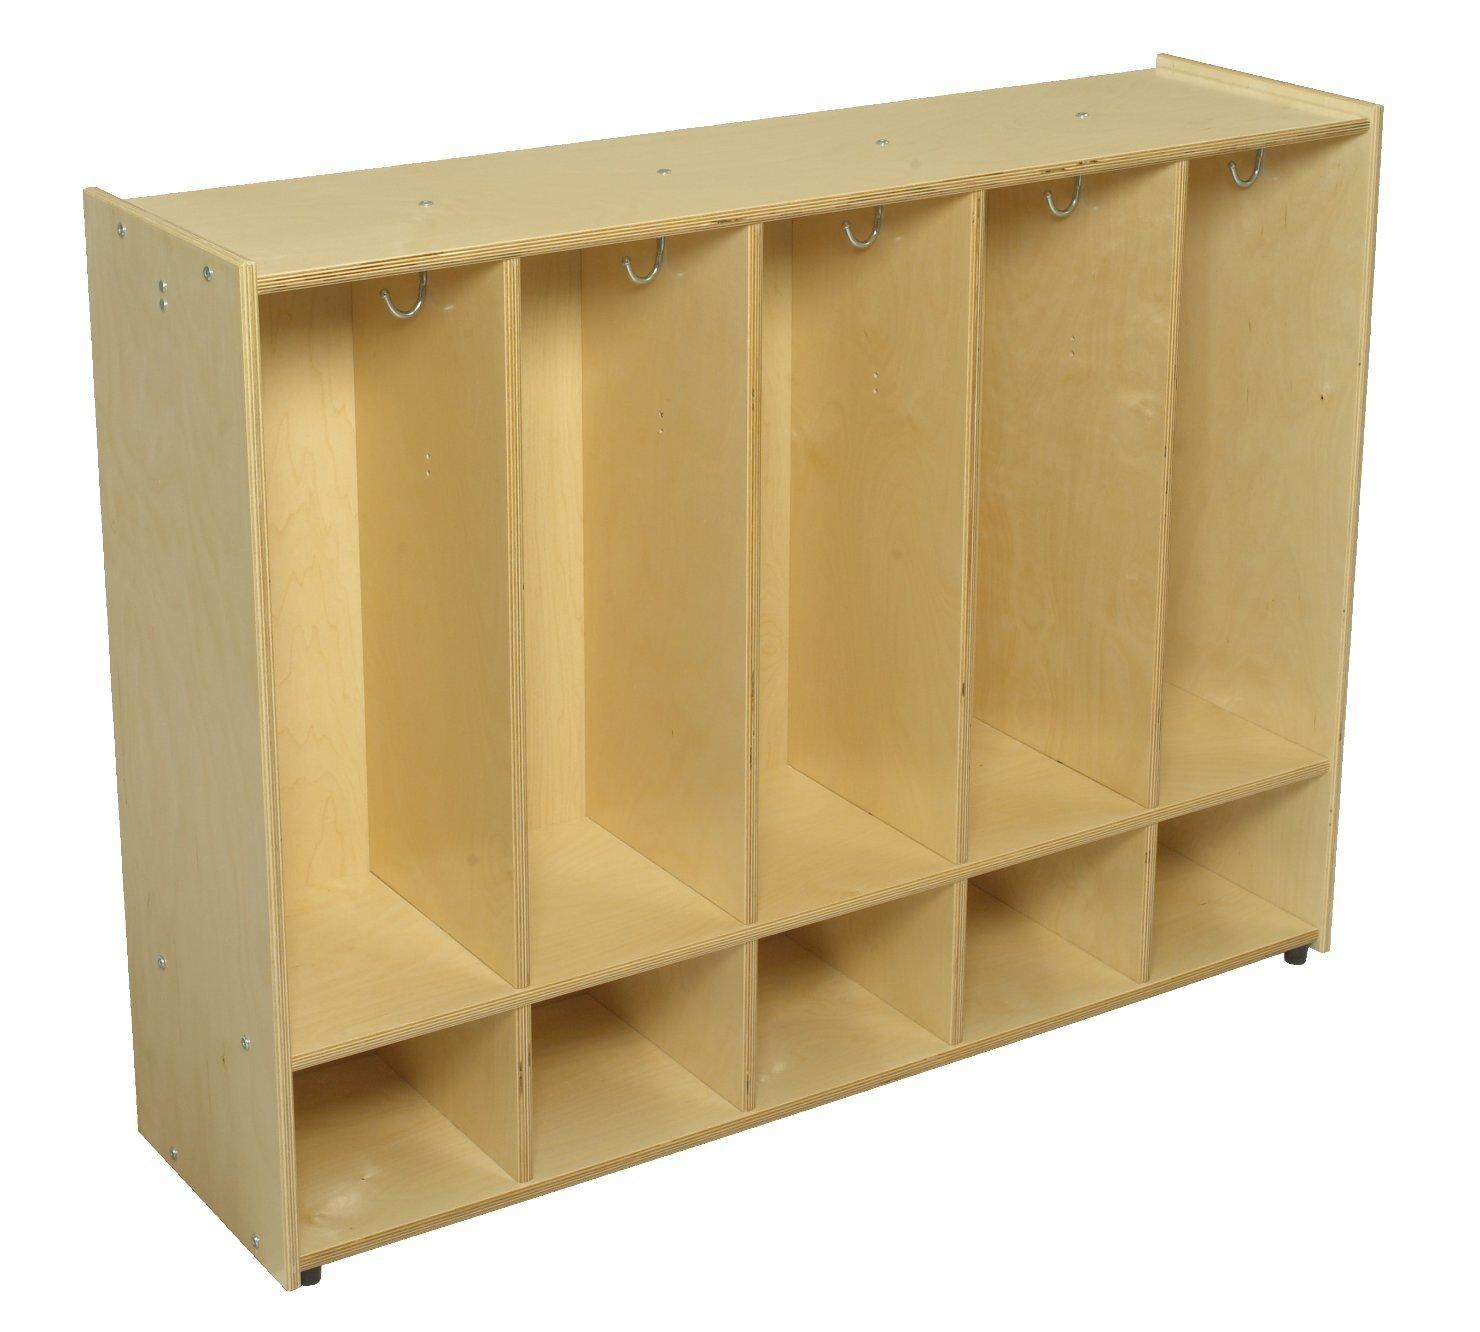 Childcraft 1526401 ABC Furnishings armario de 5 secciones para abrigos, 36 pulgadas de alto, 13 pulgadas de ancho, 48 pulgadas de largo, madera natural: ...